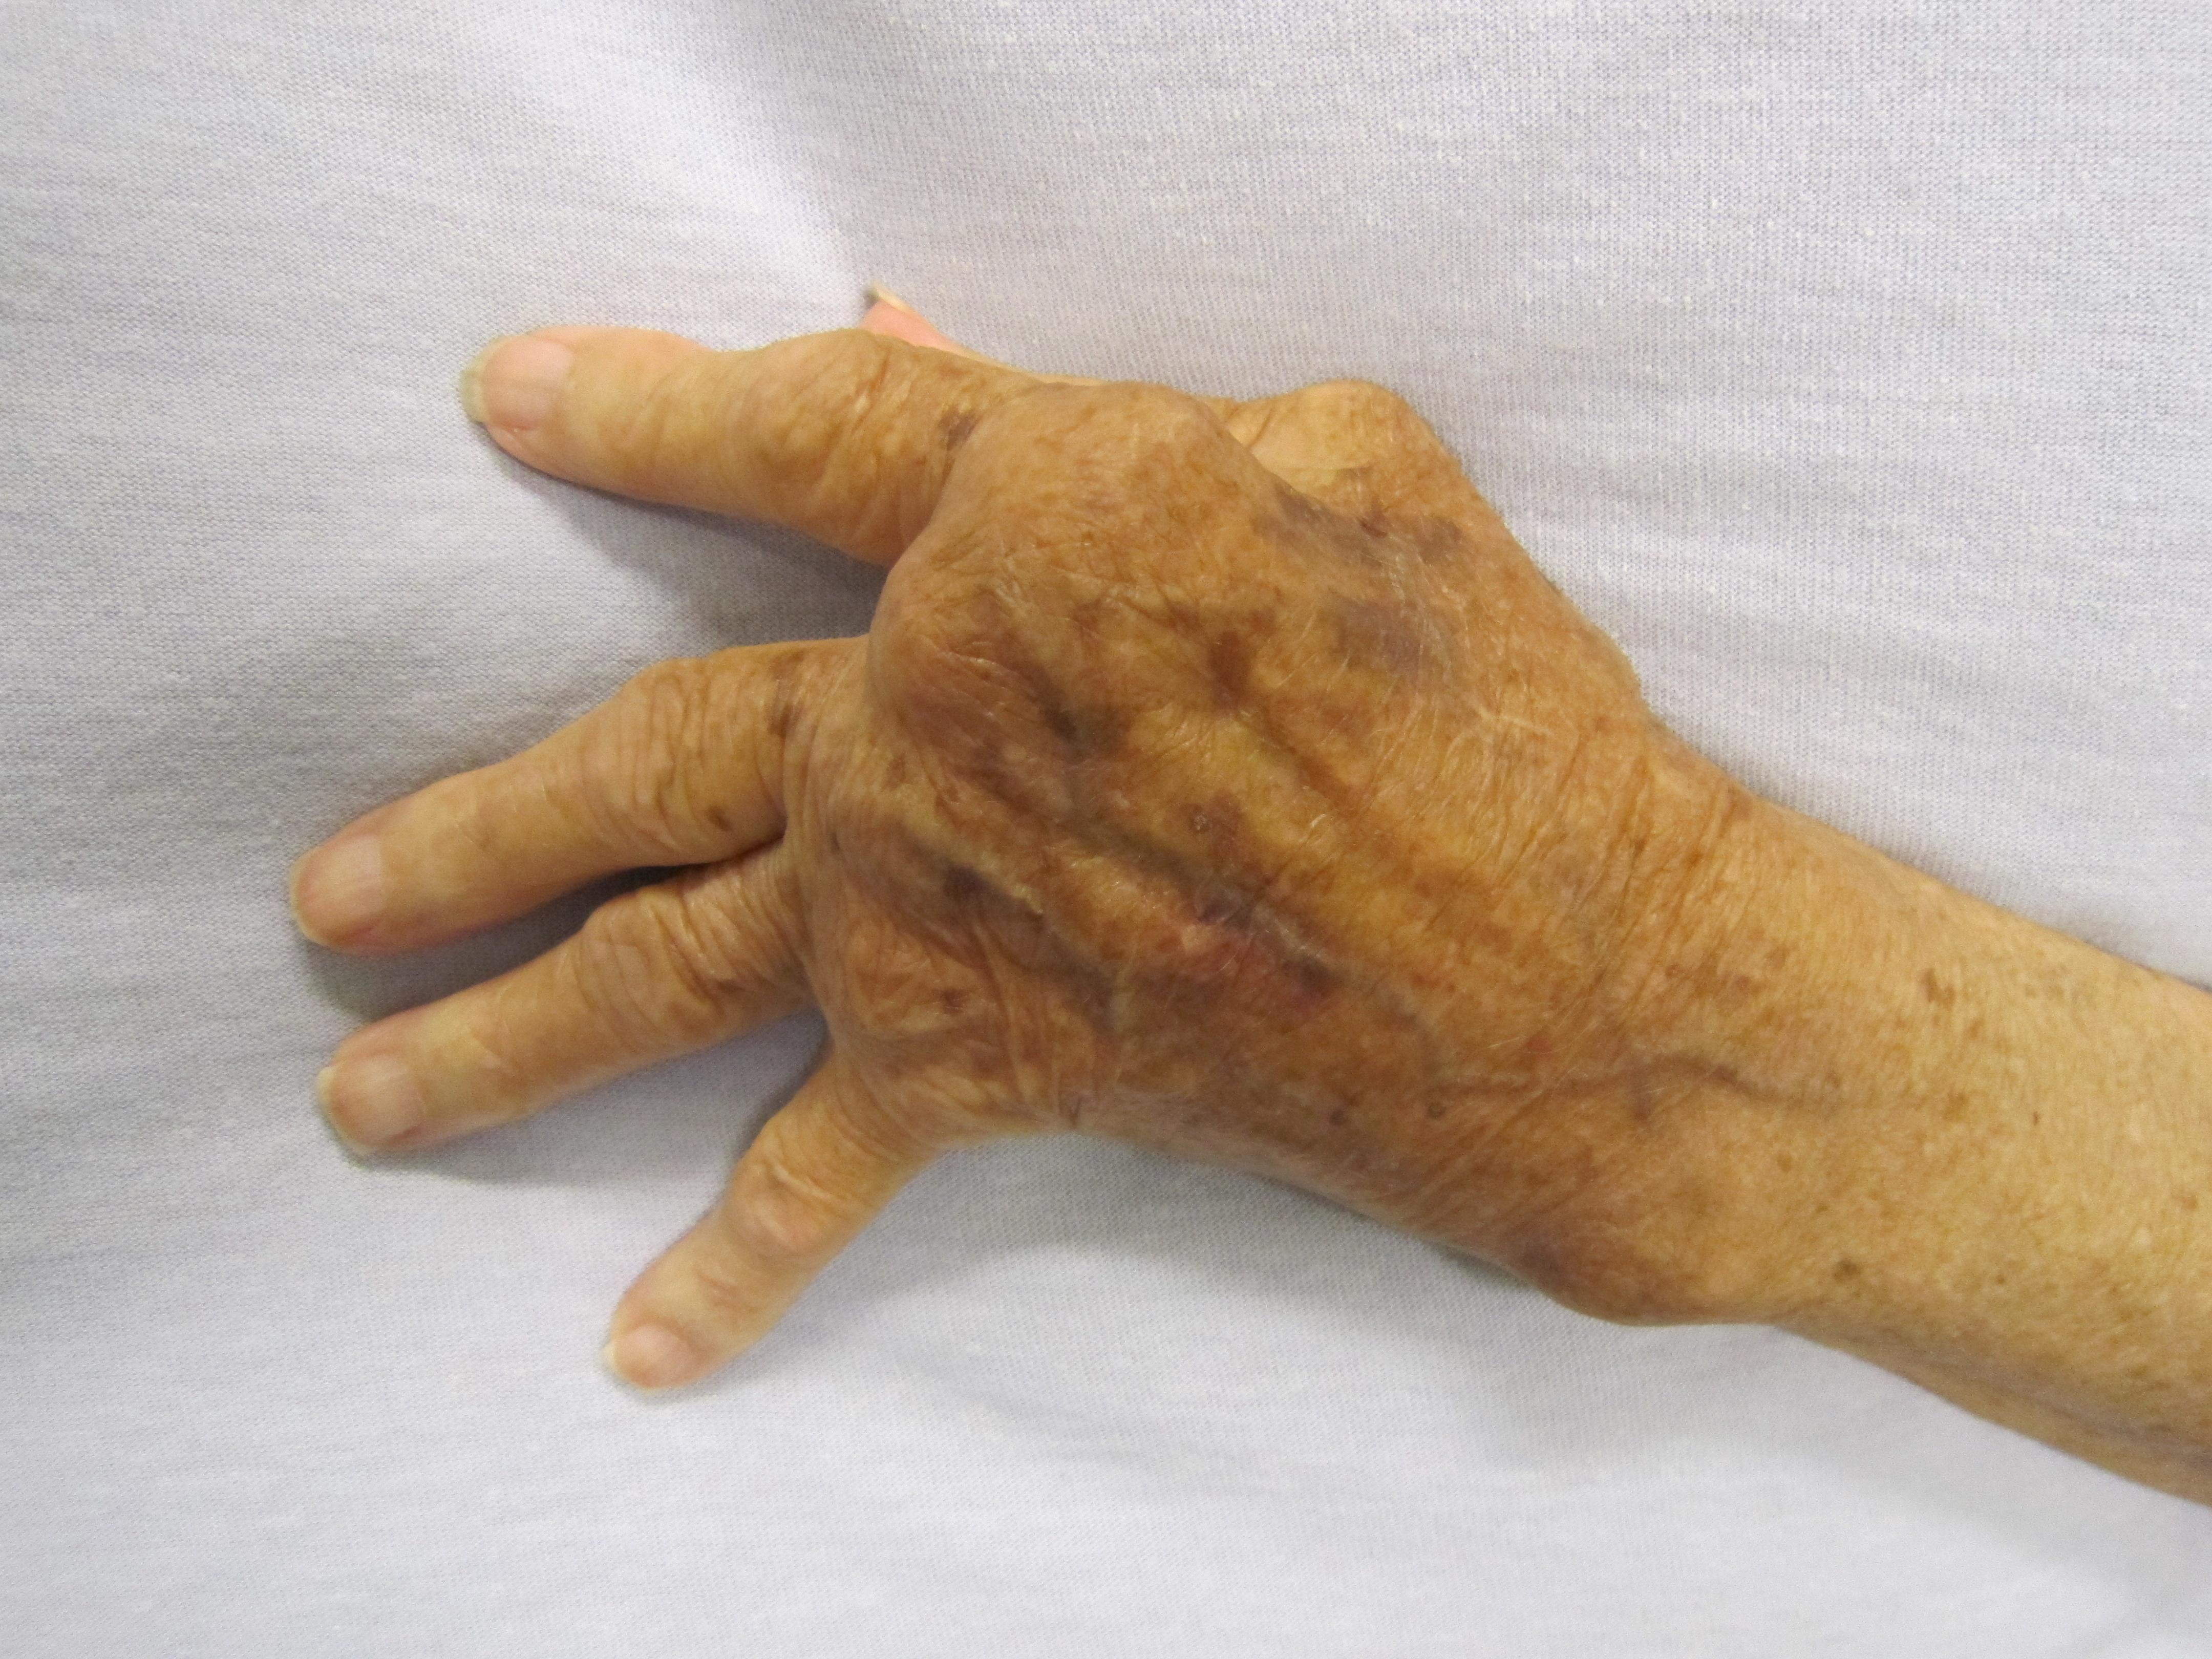 1. szakasz artritisz hogyan kell kezelni)